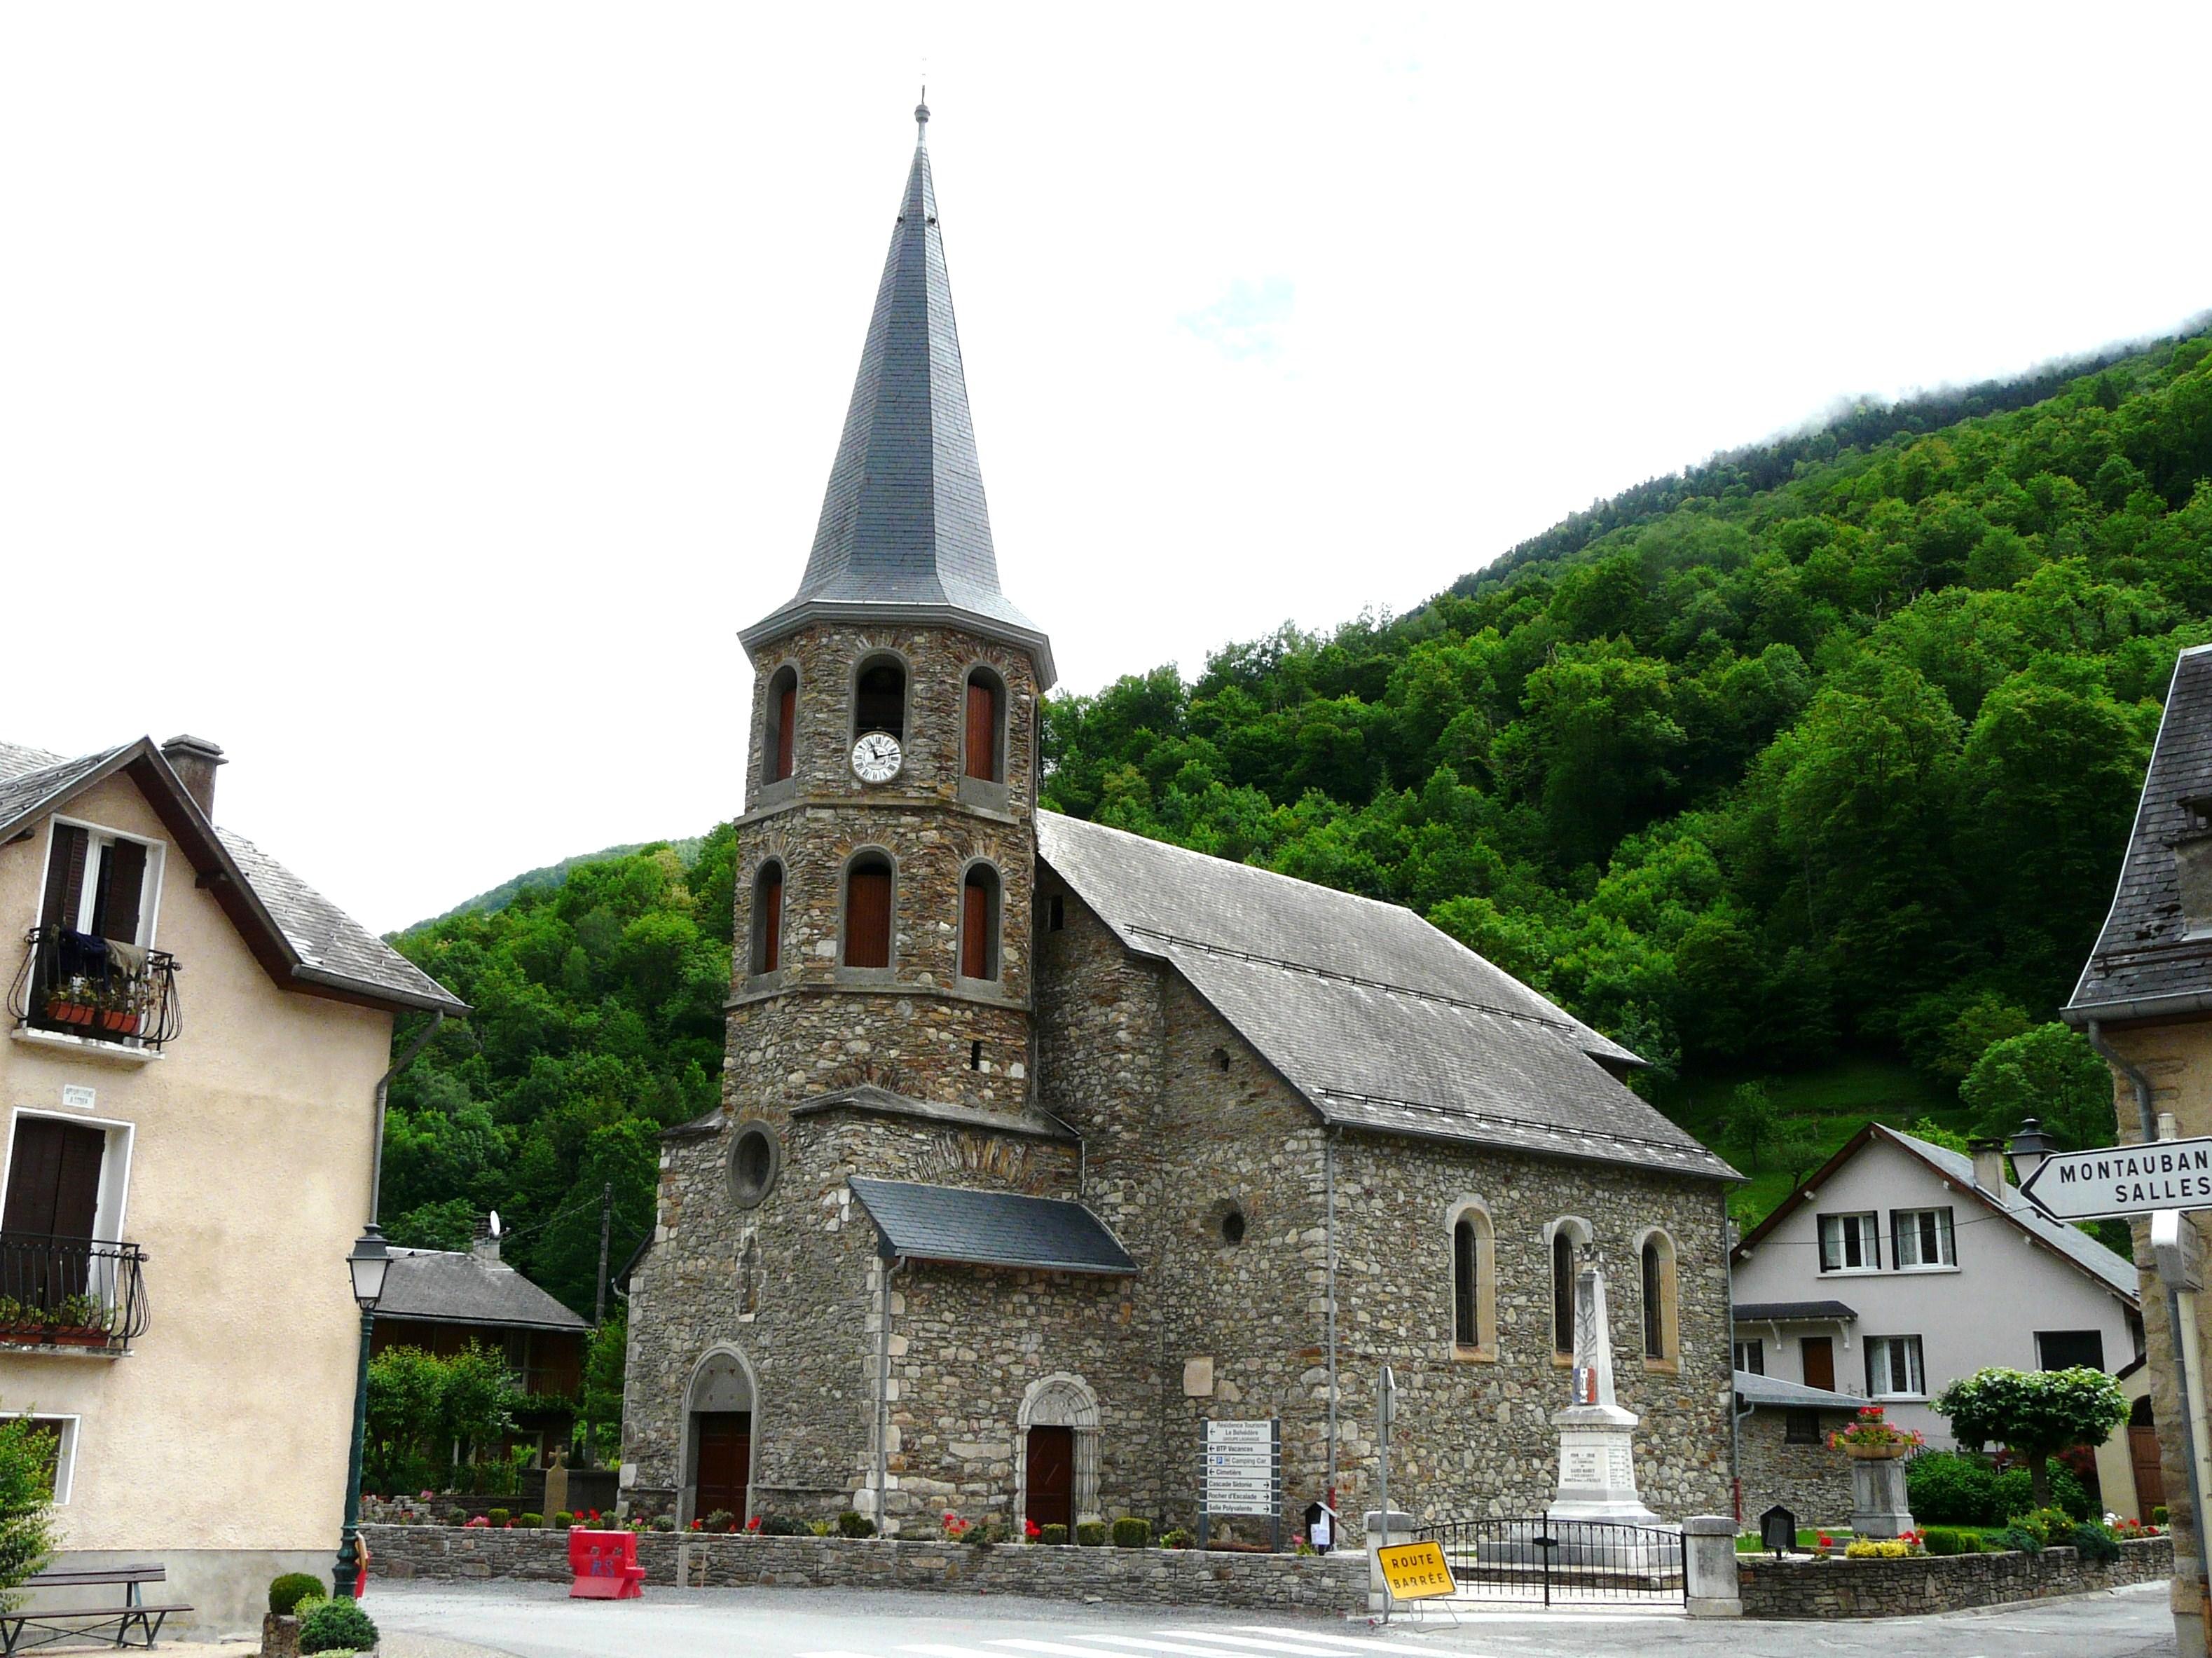 Saint-Mamet